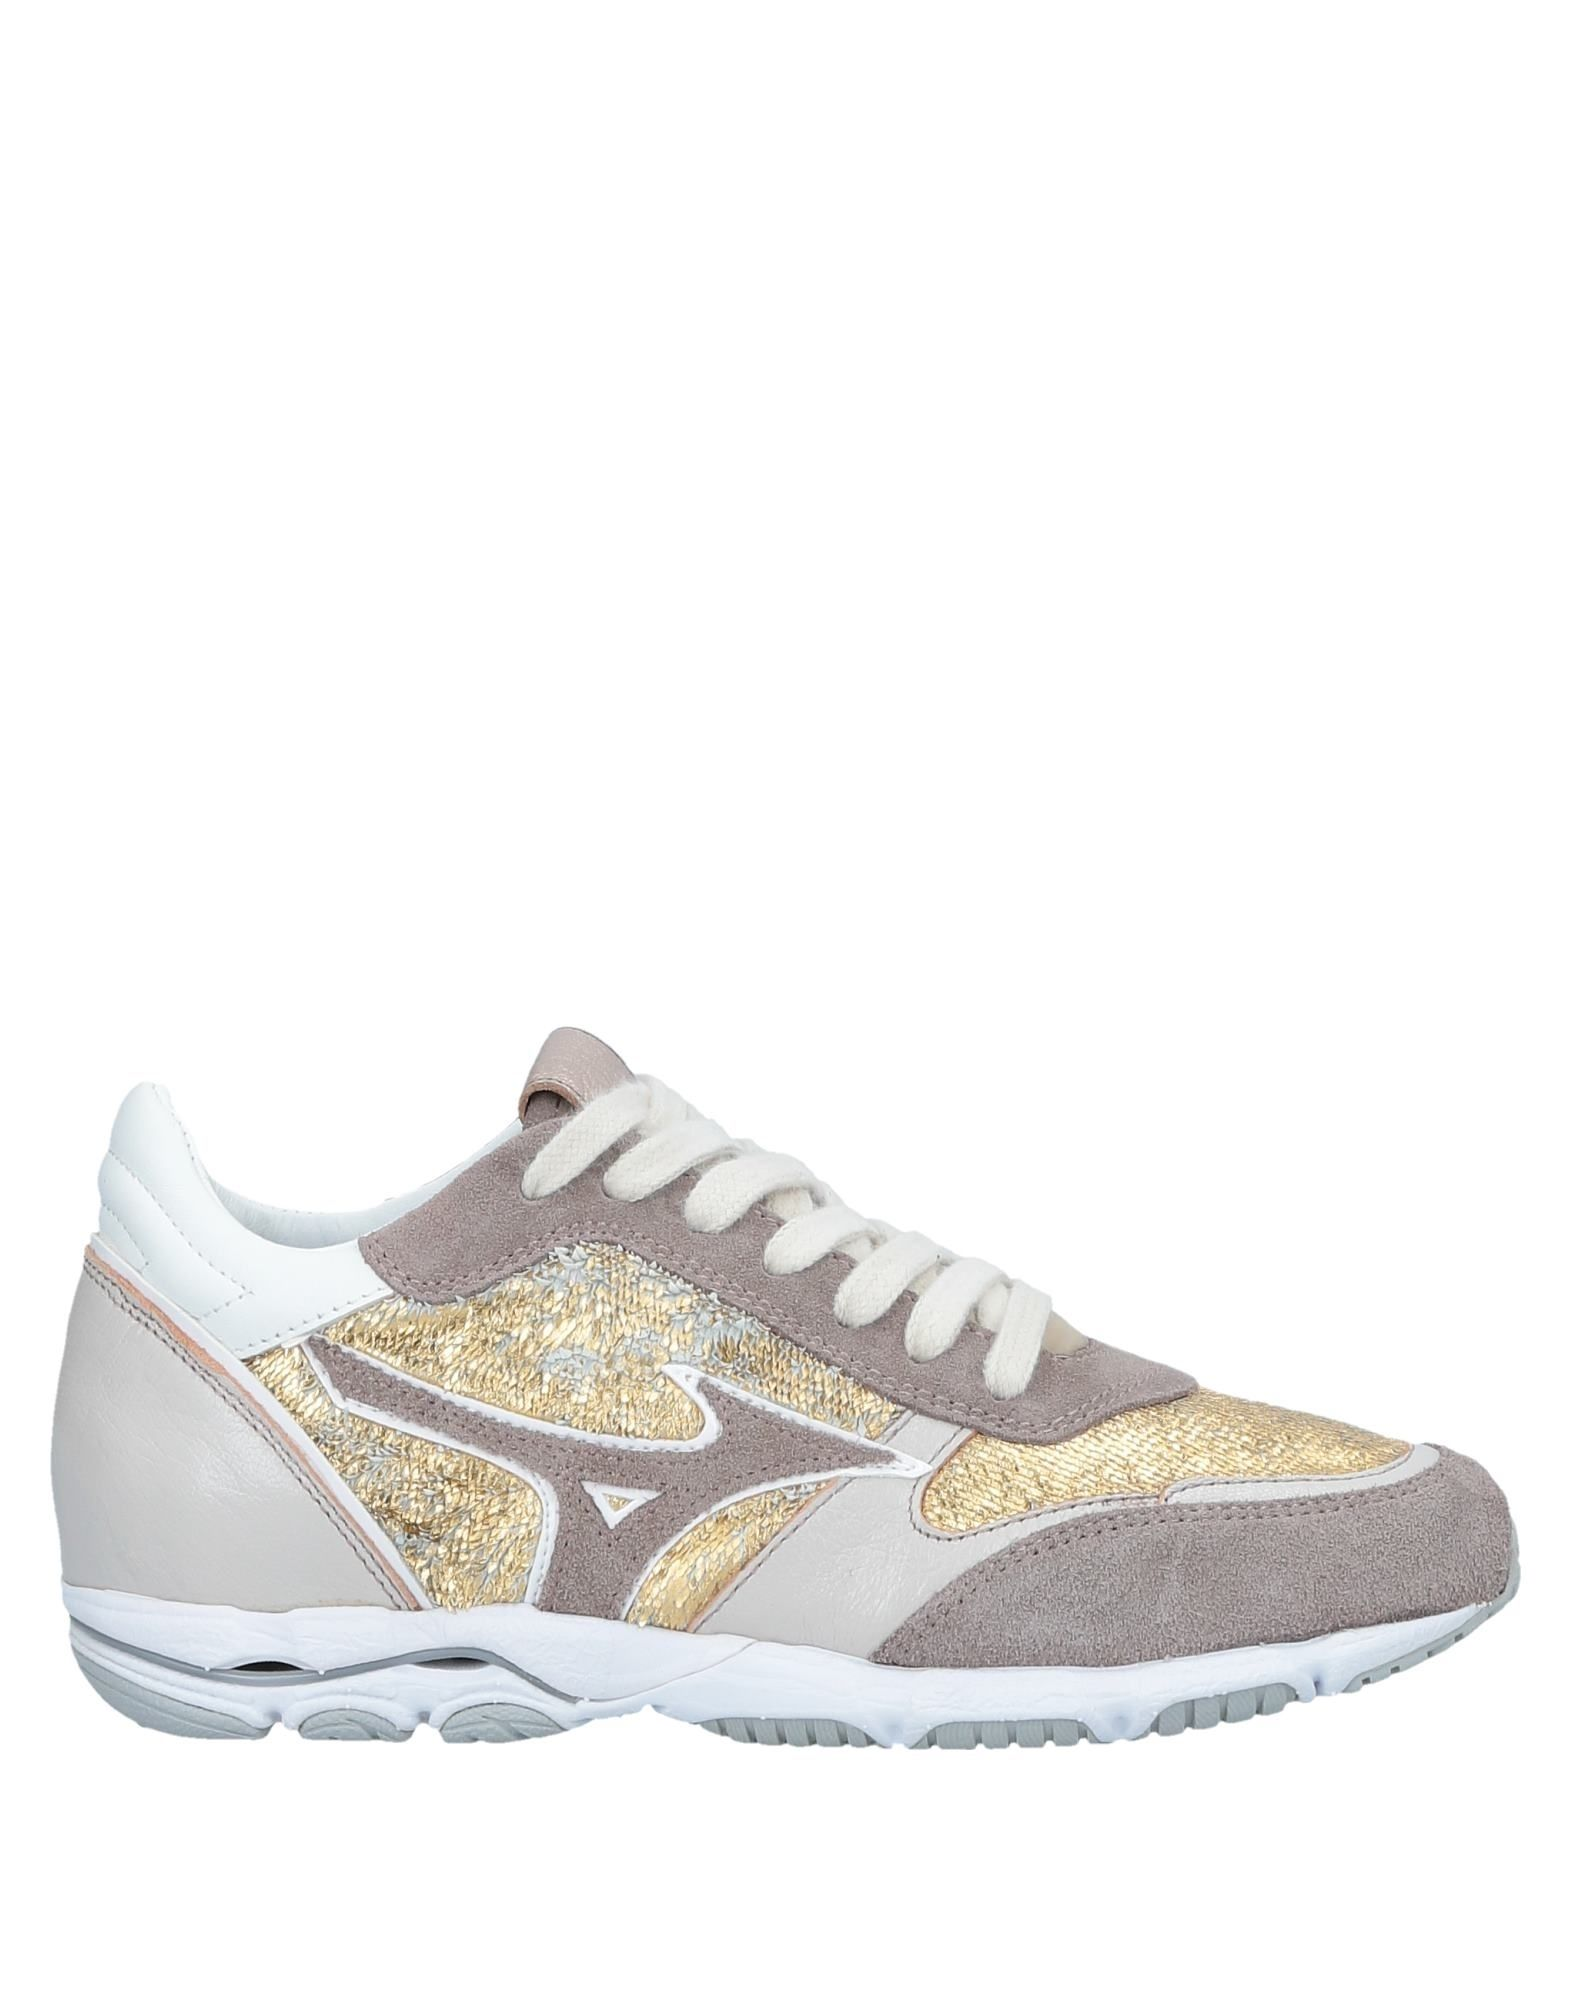 Scarpe economiche e resistenti Sneakers Mizuno Donna - 11527818HV